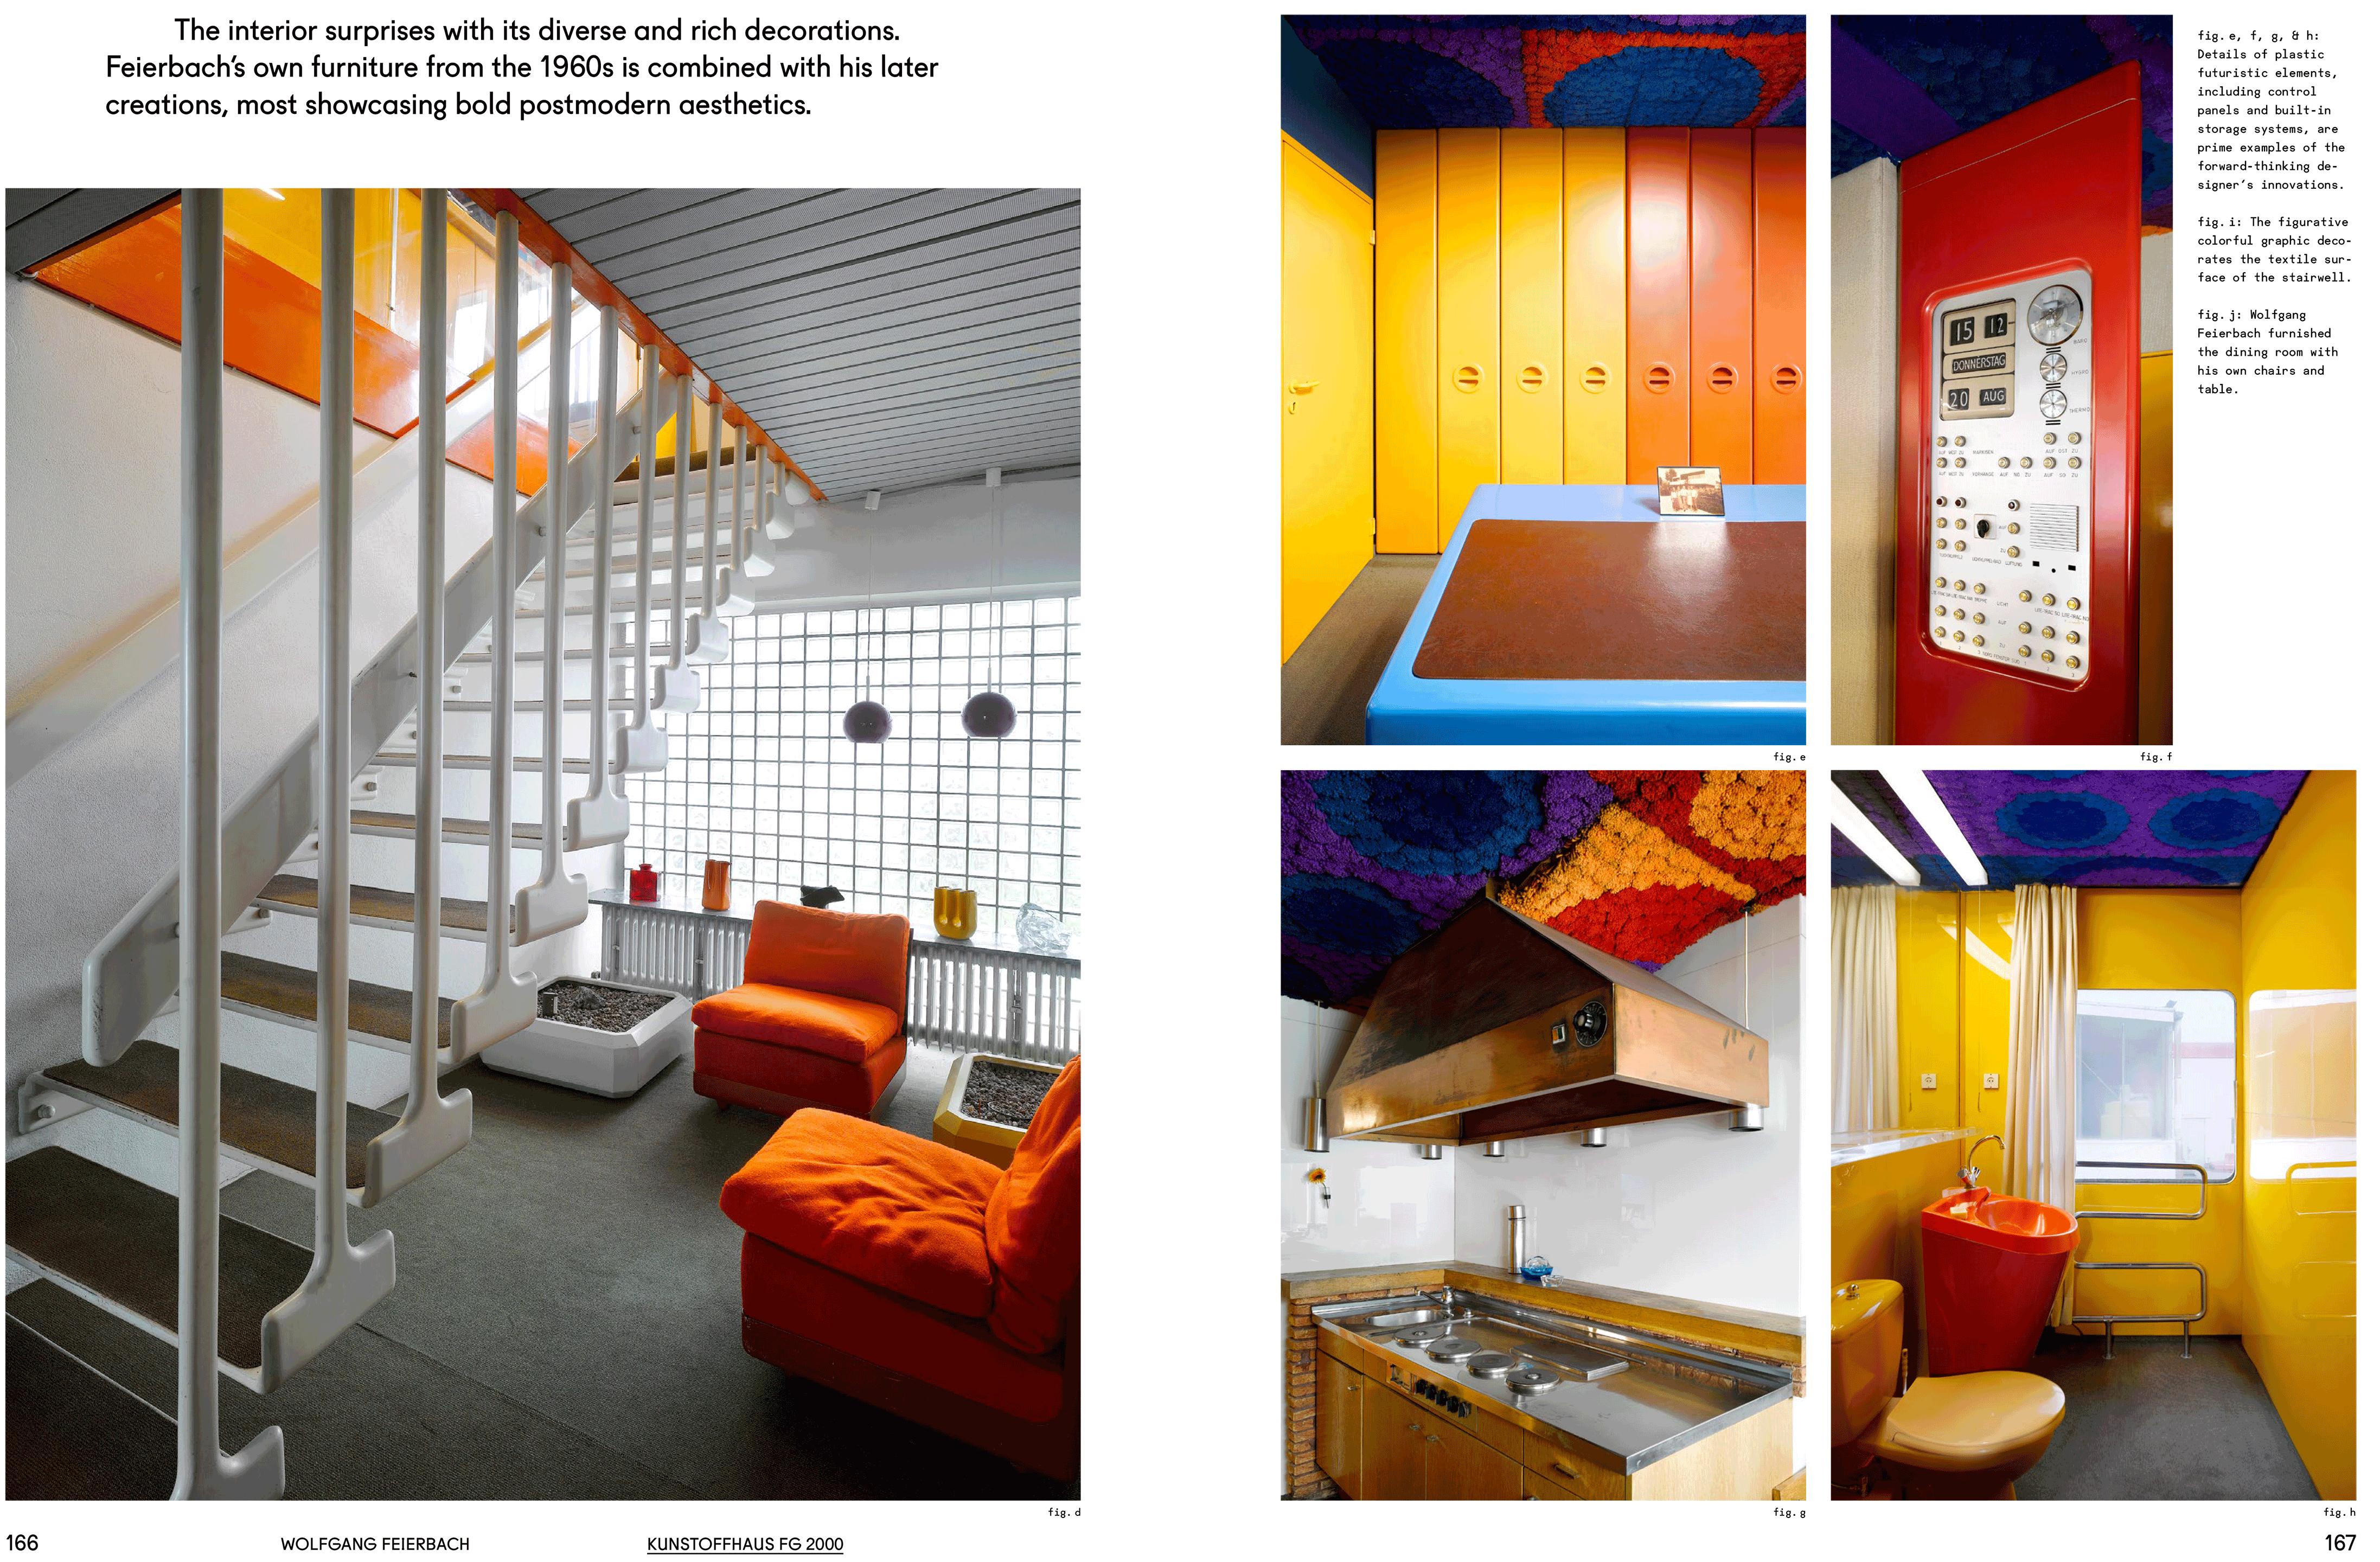 Auf dieser Doppelseite sieht man Eindrücke aus dem Kunststoffhaus FG 2000 des Architekten Wolfgang Feierbach.